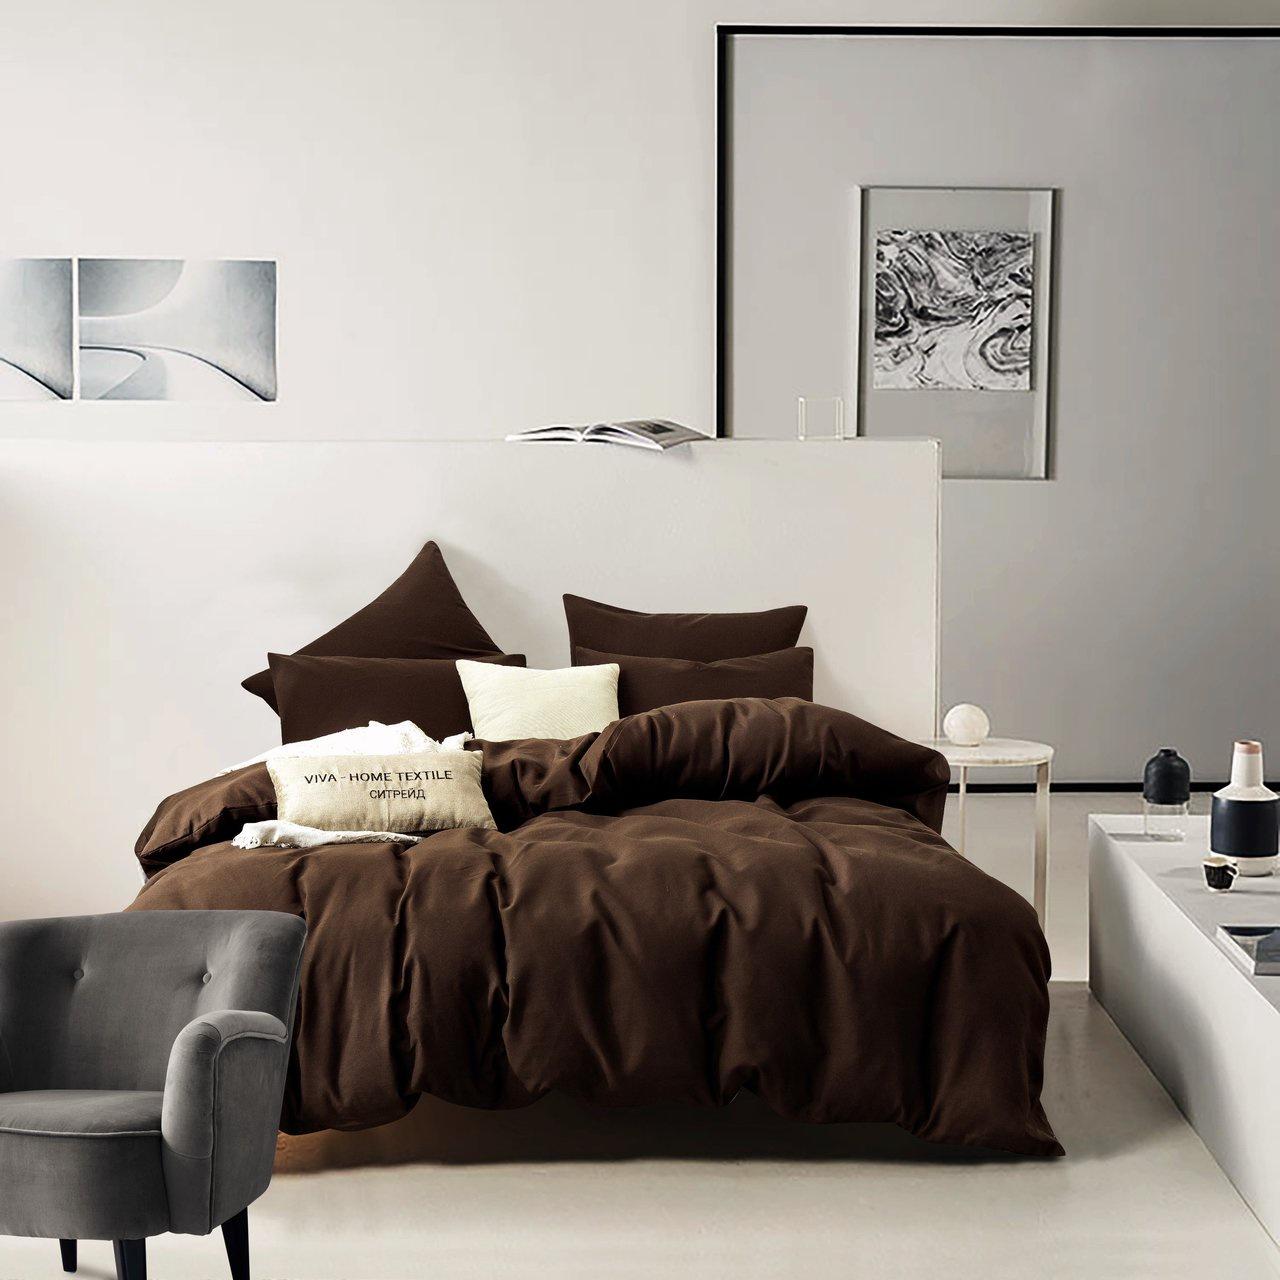 Комплект постельного белья Ситрейд CS029-2 50-70 2 спальный, наволочки 50-70 2 шт комплект постельного белья ситрейд ac053 e 4 евро наволочки 4 шт